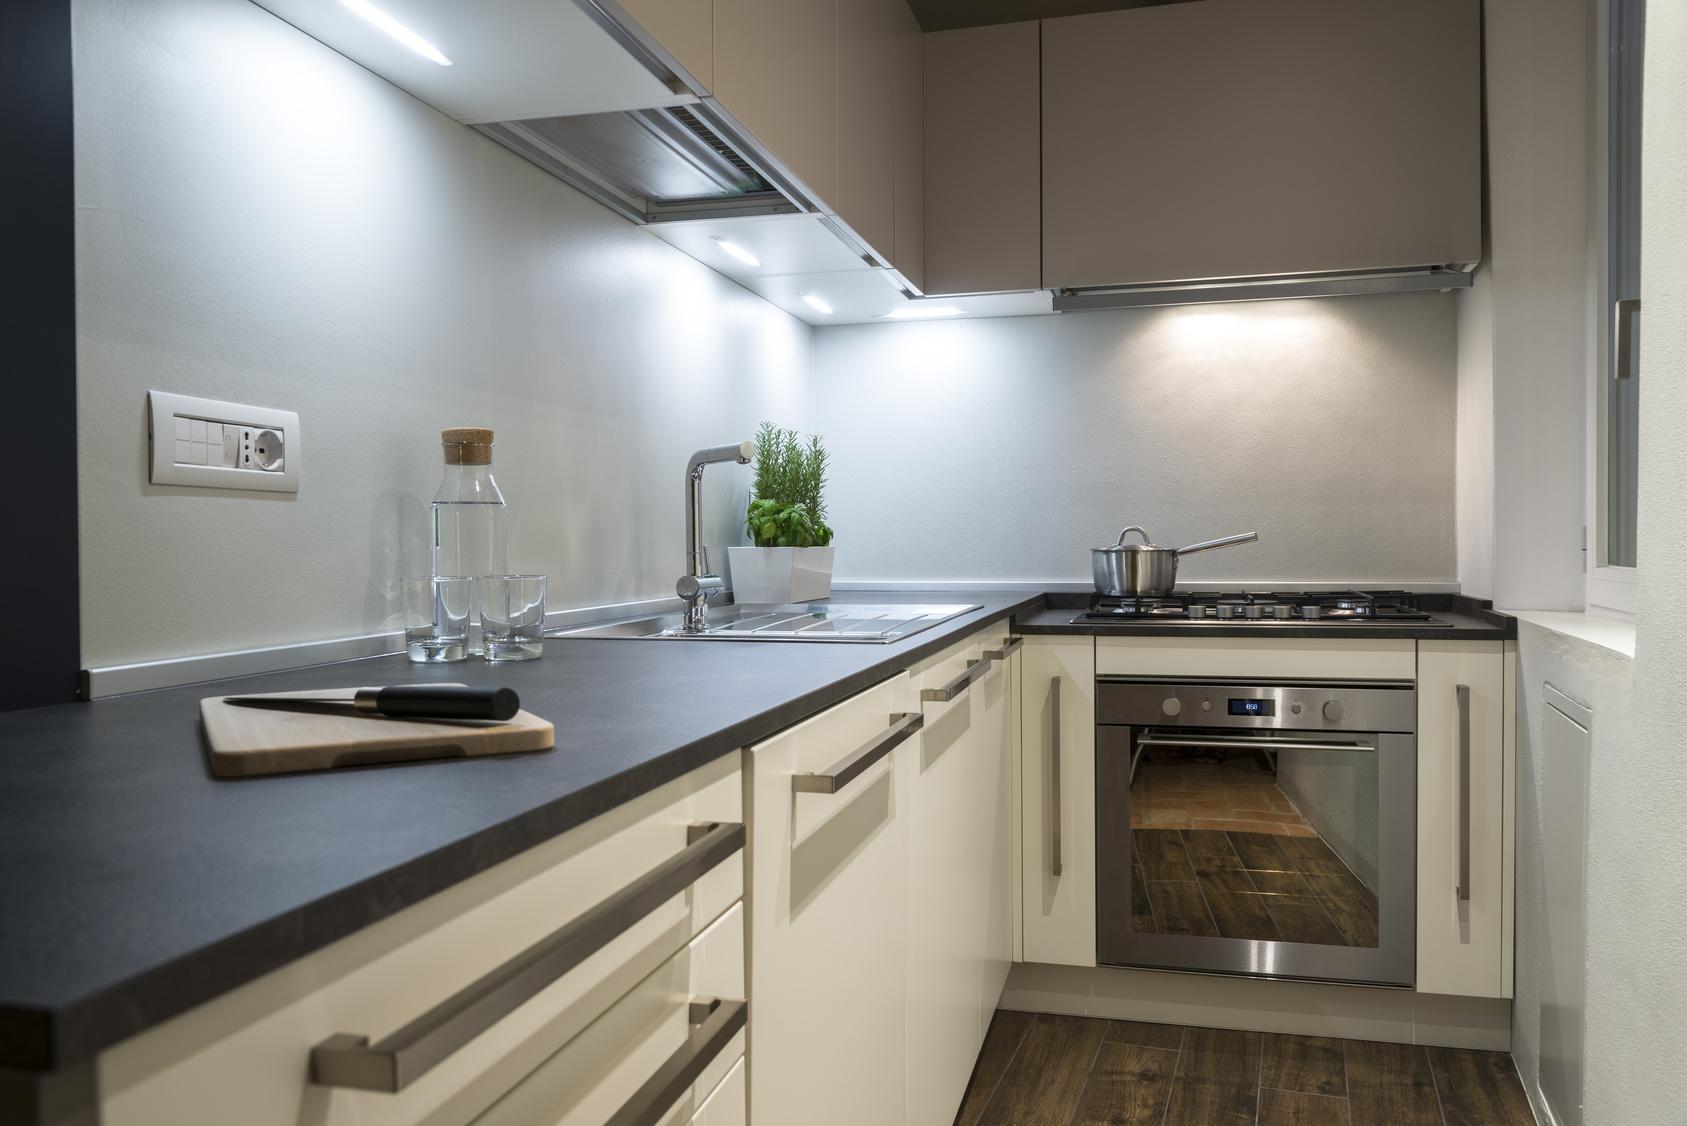 amenager-une-cuisine-fonctionnelle